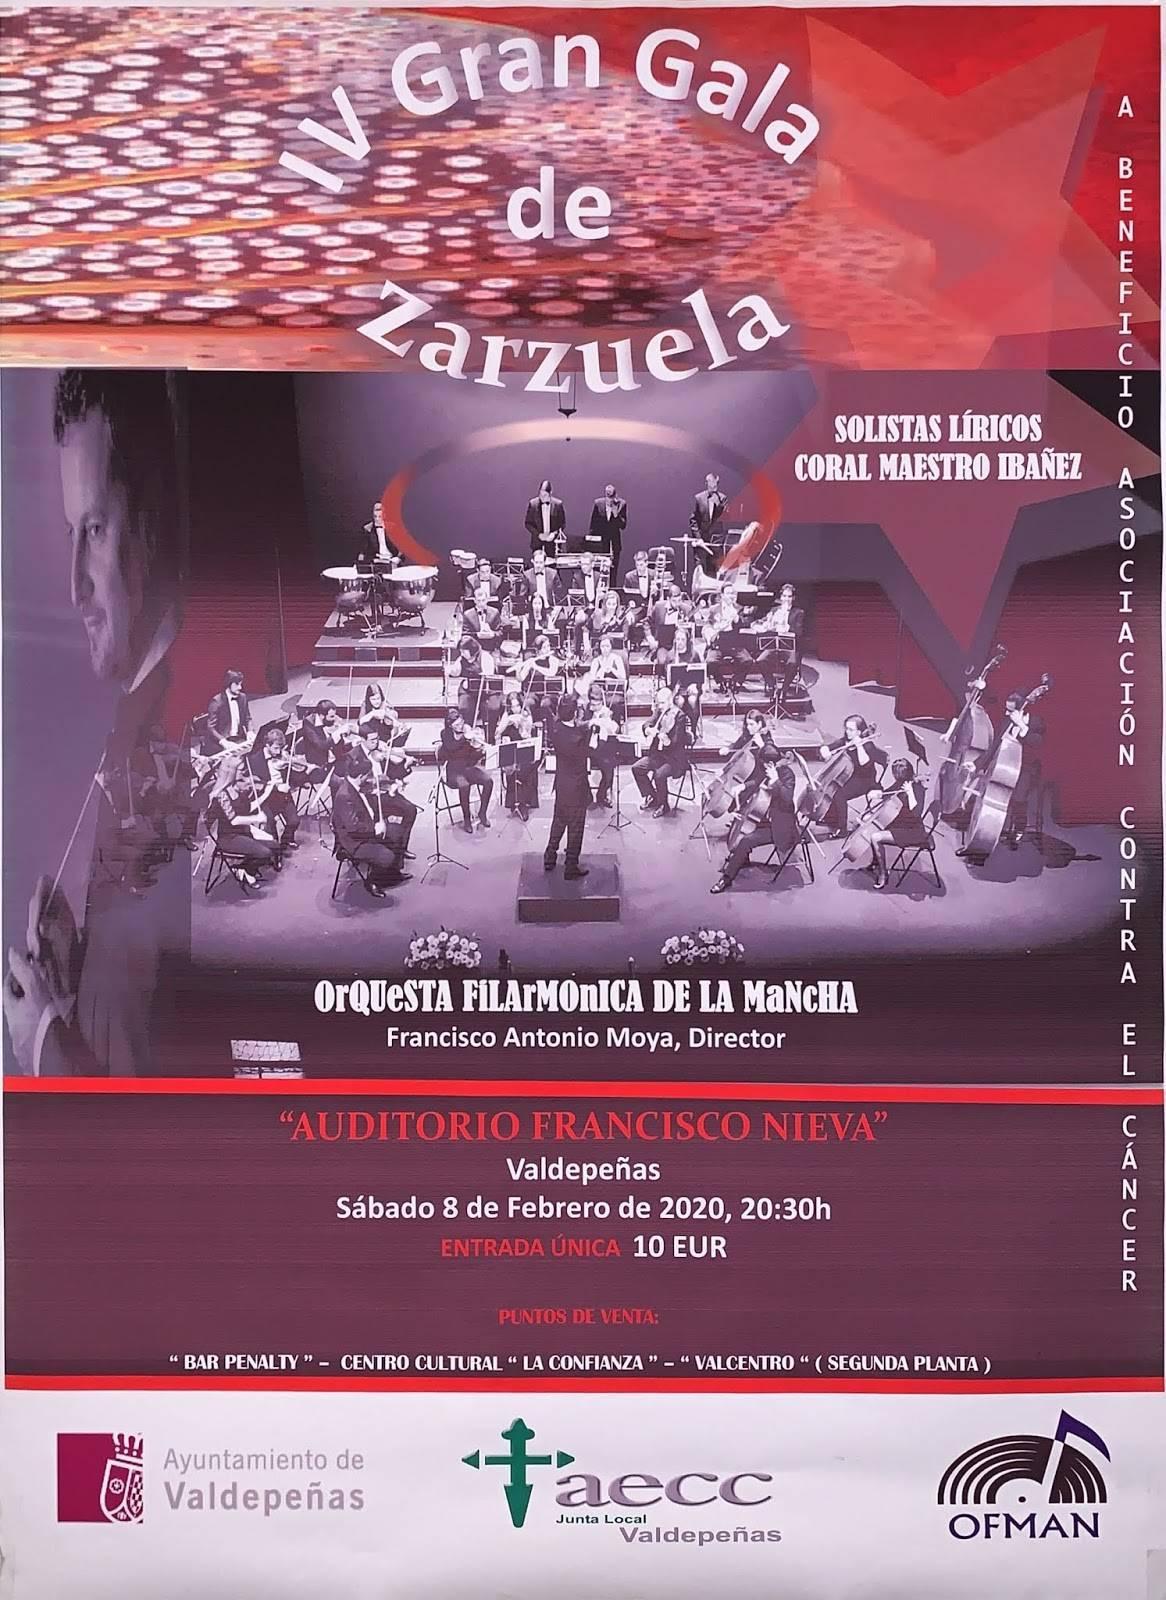 IV Gran gala de zarzuela - Valdepeñas (Ciudad Real)